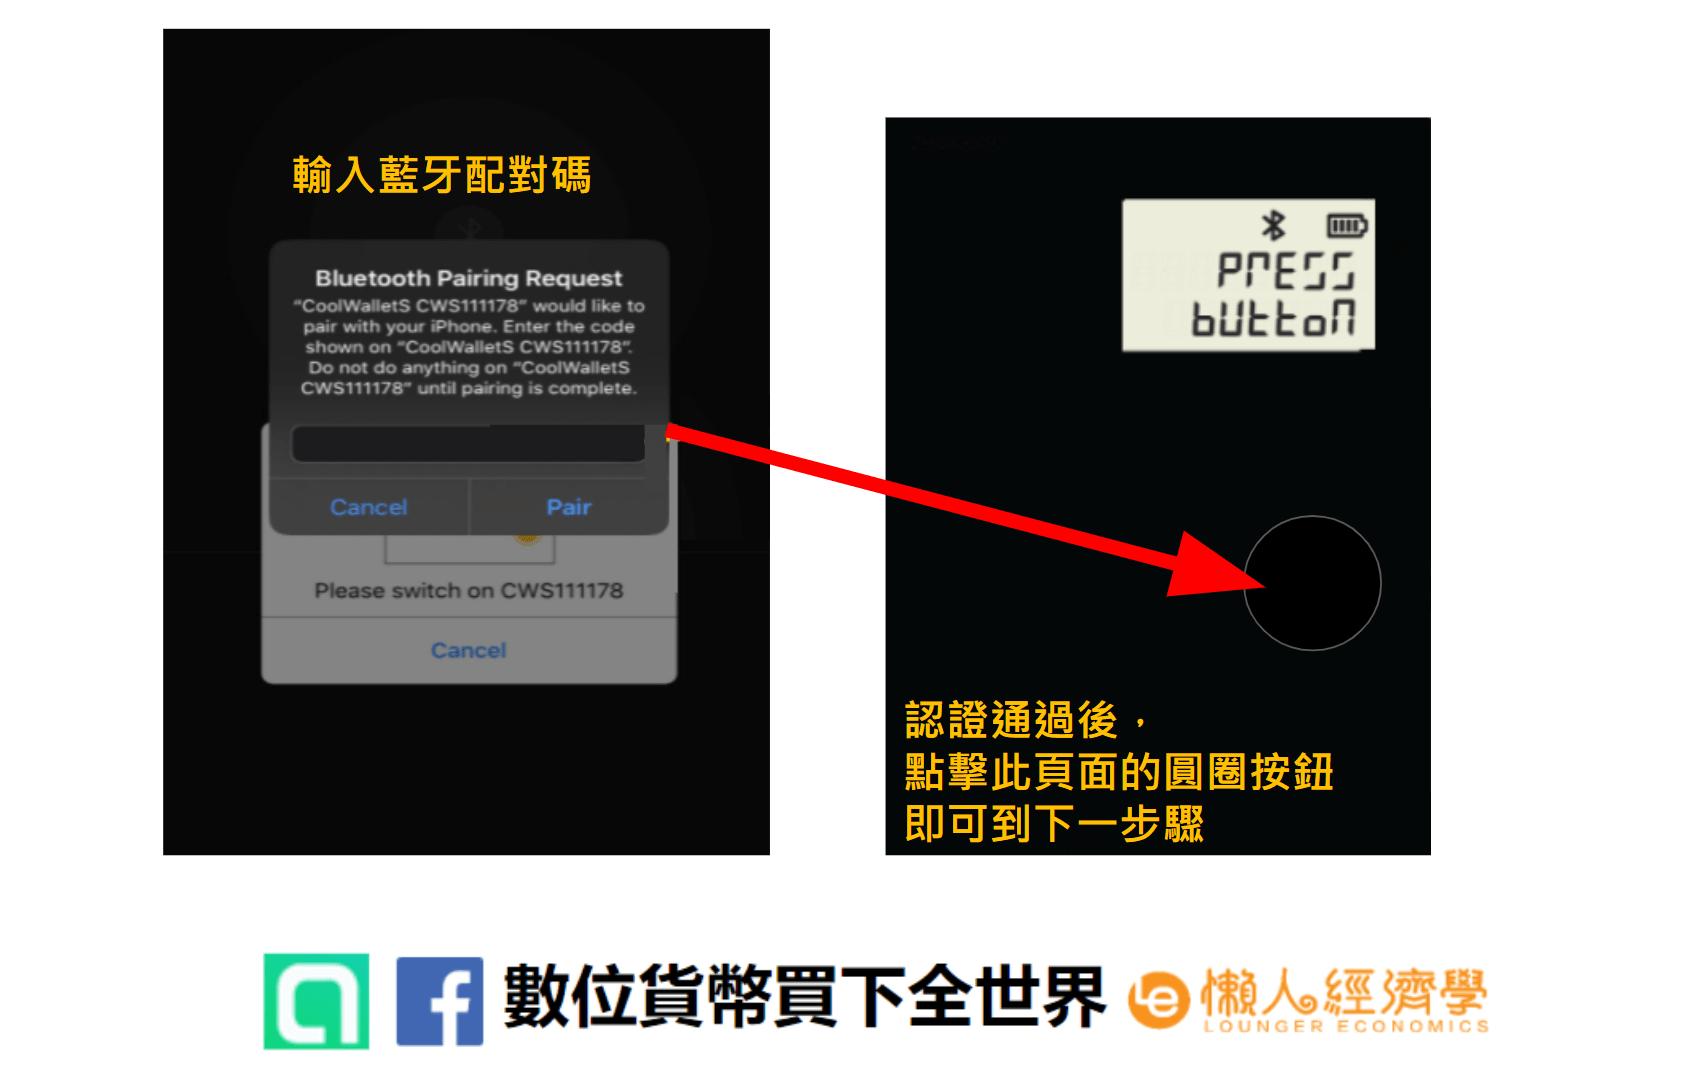 先輸入藍牙配對碼,等認證通過後,點擊圓圈按鈕即可進入下一步驟